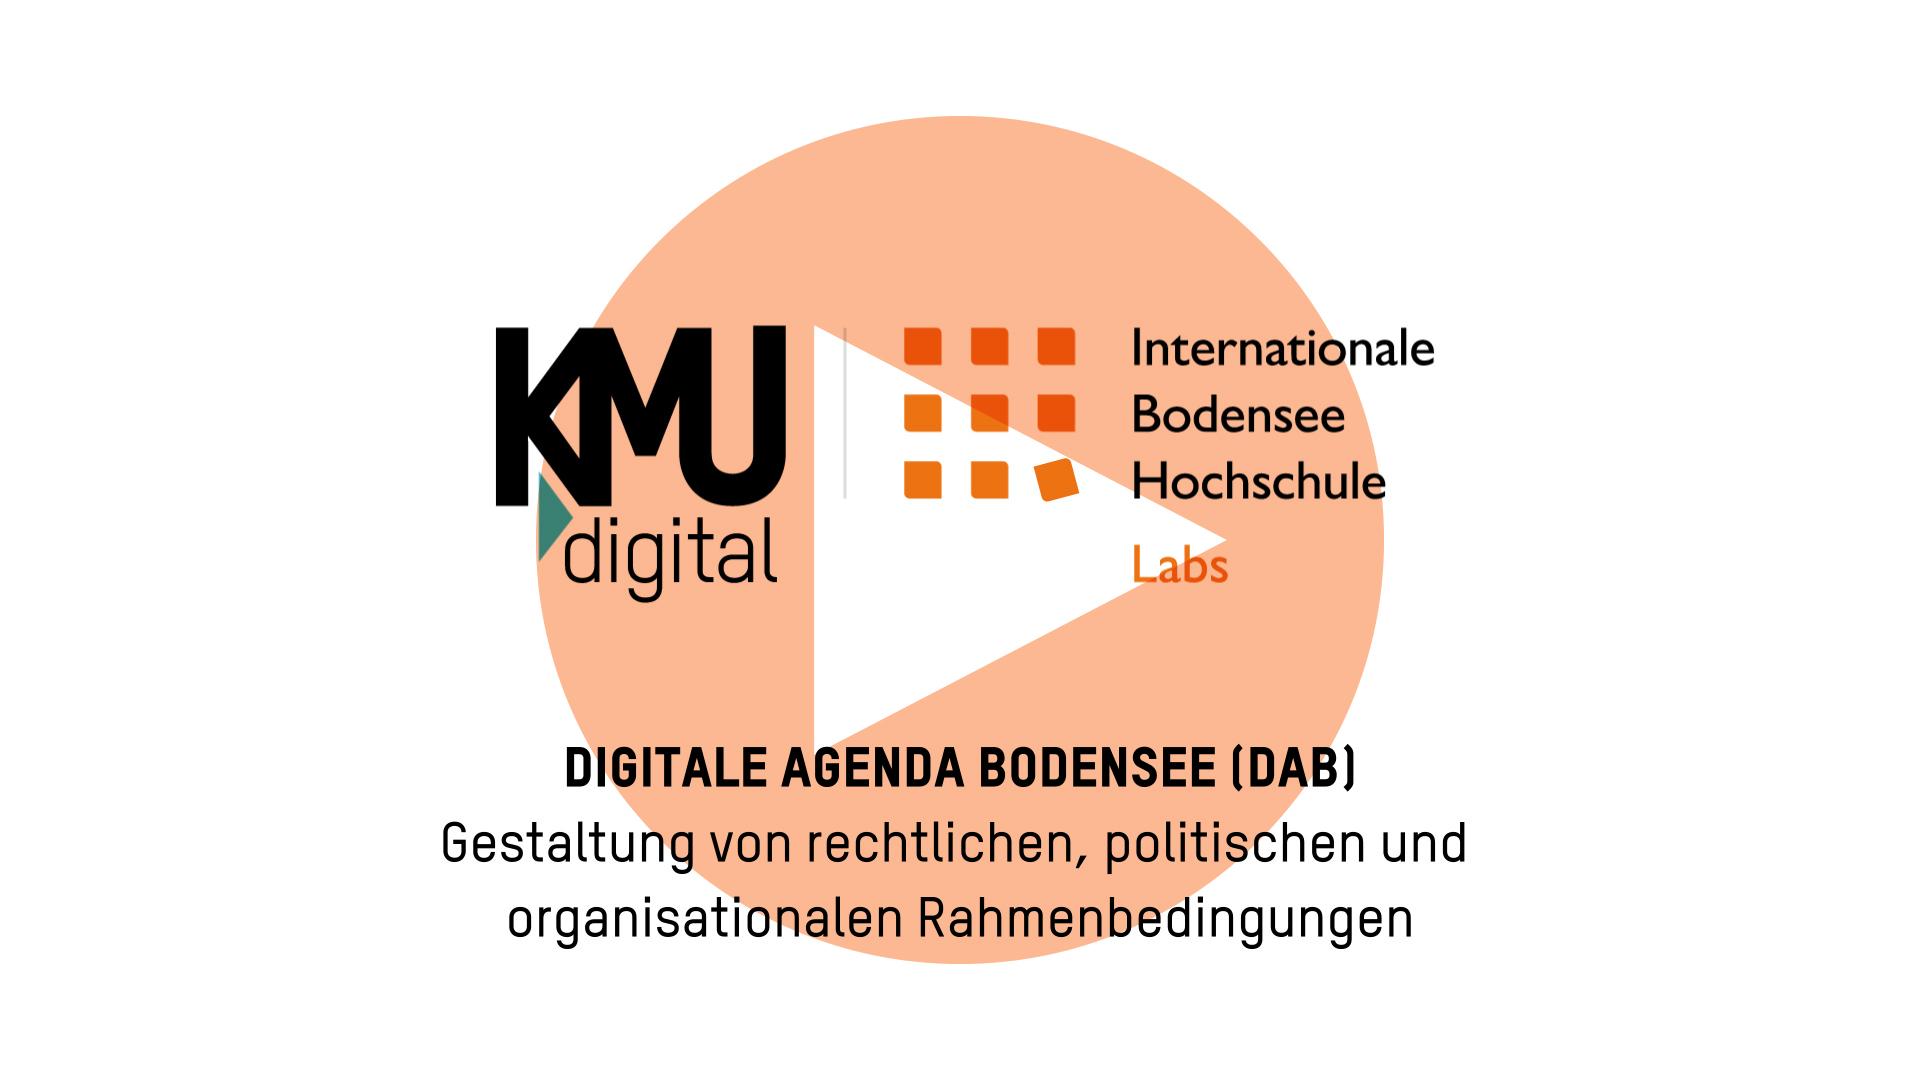 IBH- Lab KMUdigital Digitale Agenda Bodensee (DAB)